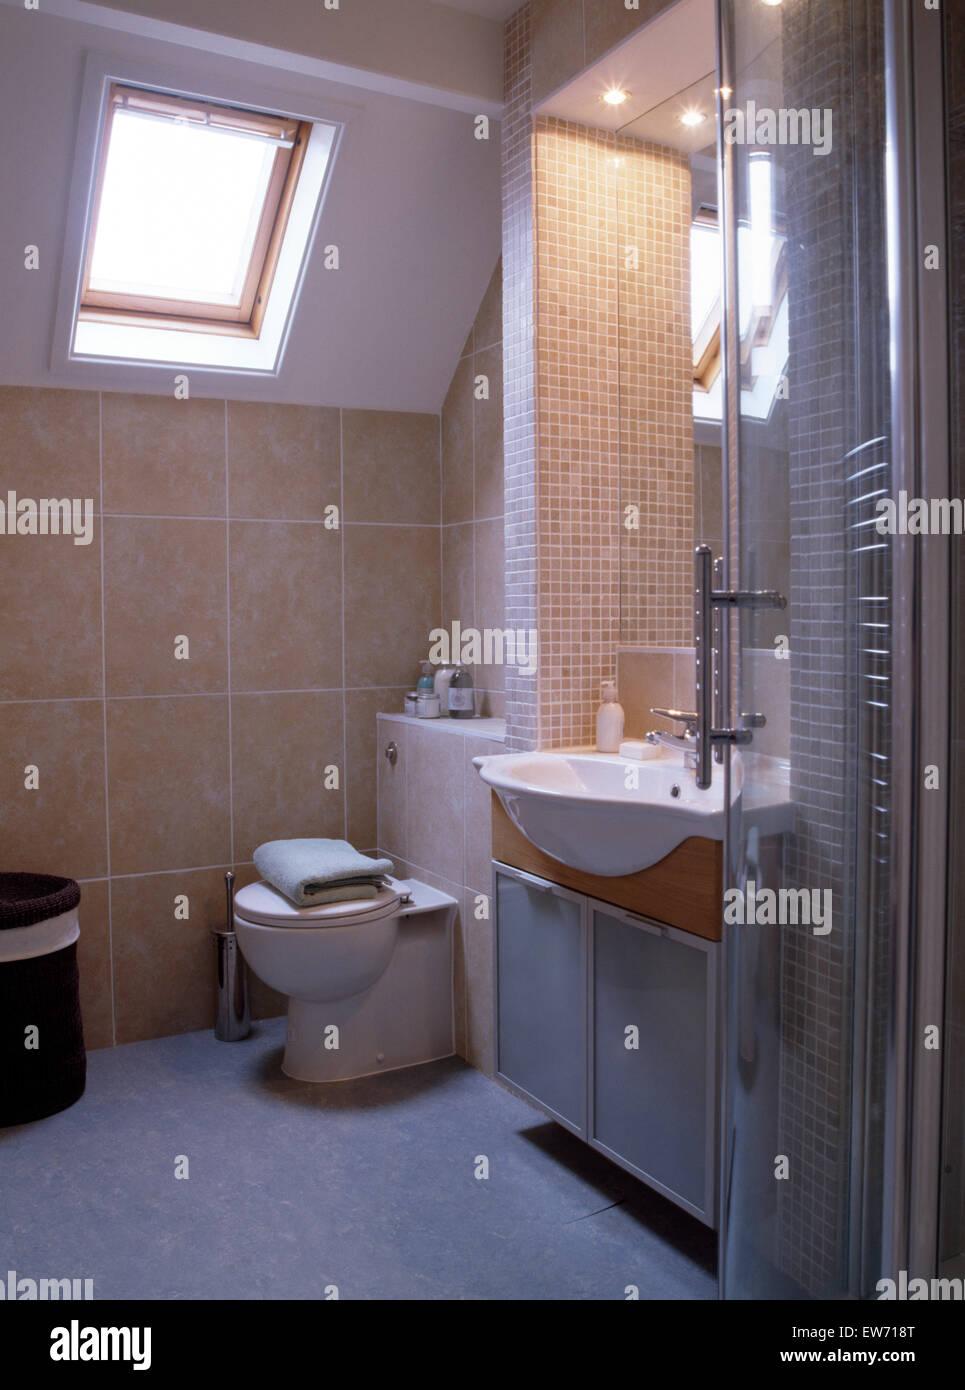 Fenetre Velux Au Dessus De Toilettes Dans Salle De Bains